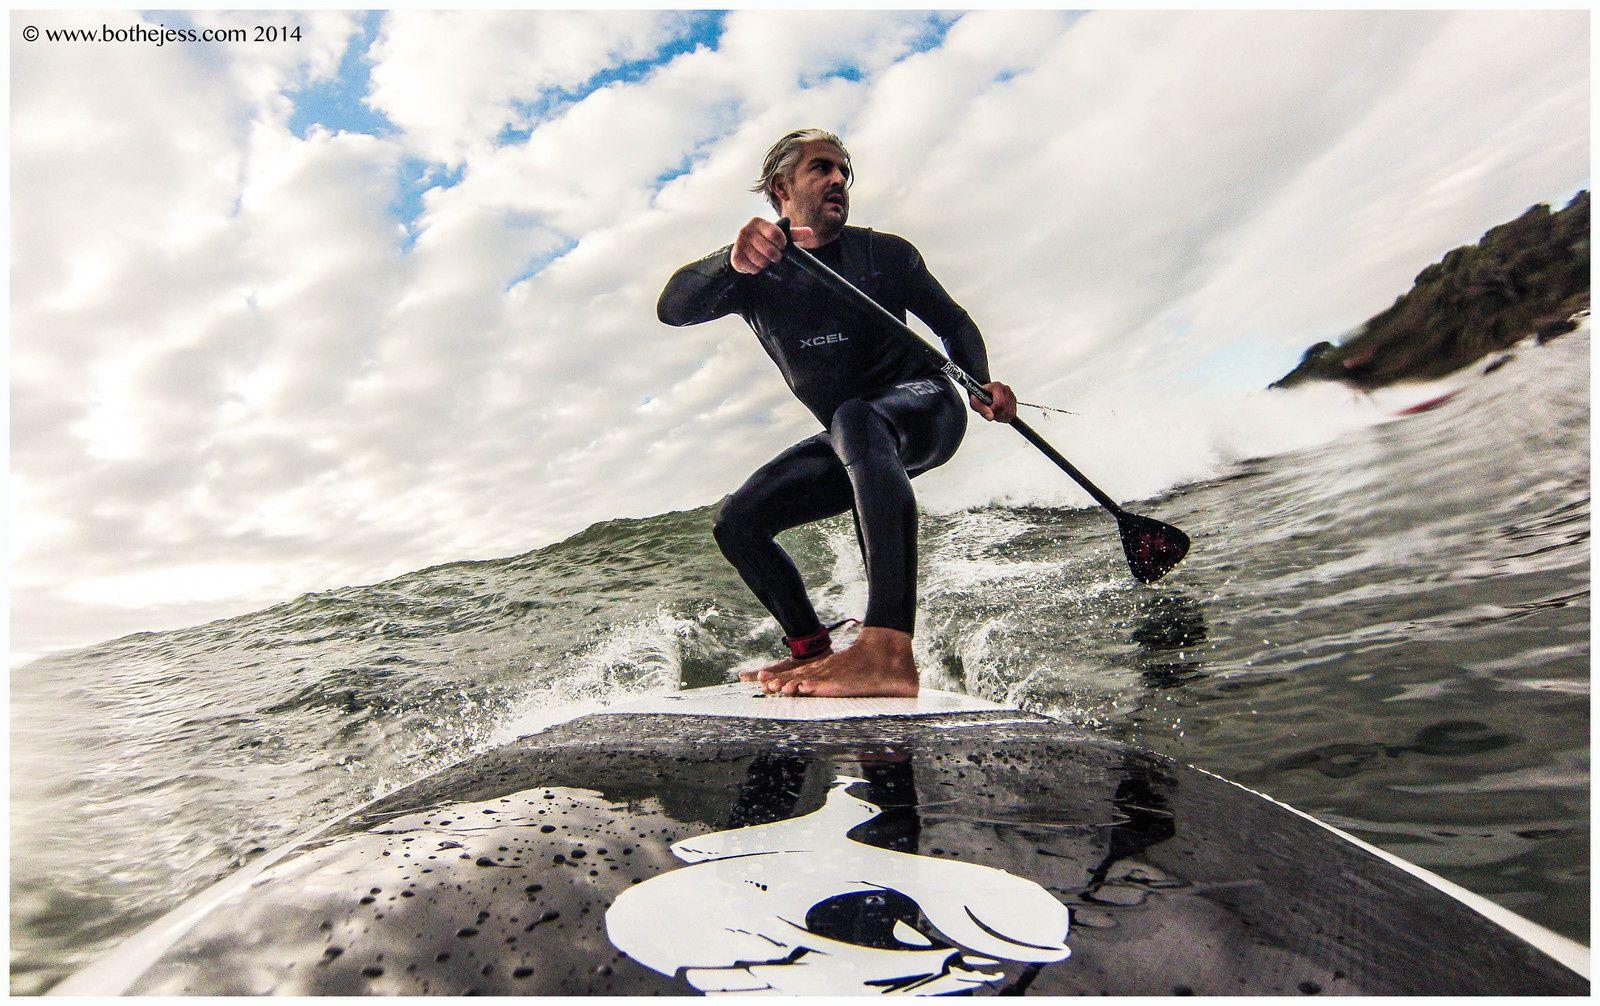 Dimanche surf pour la tribu